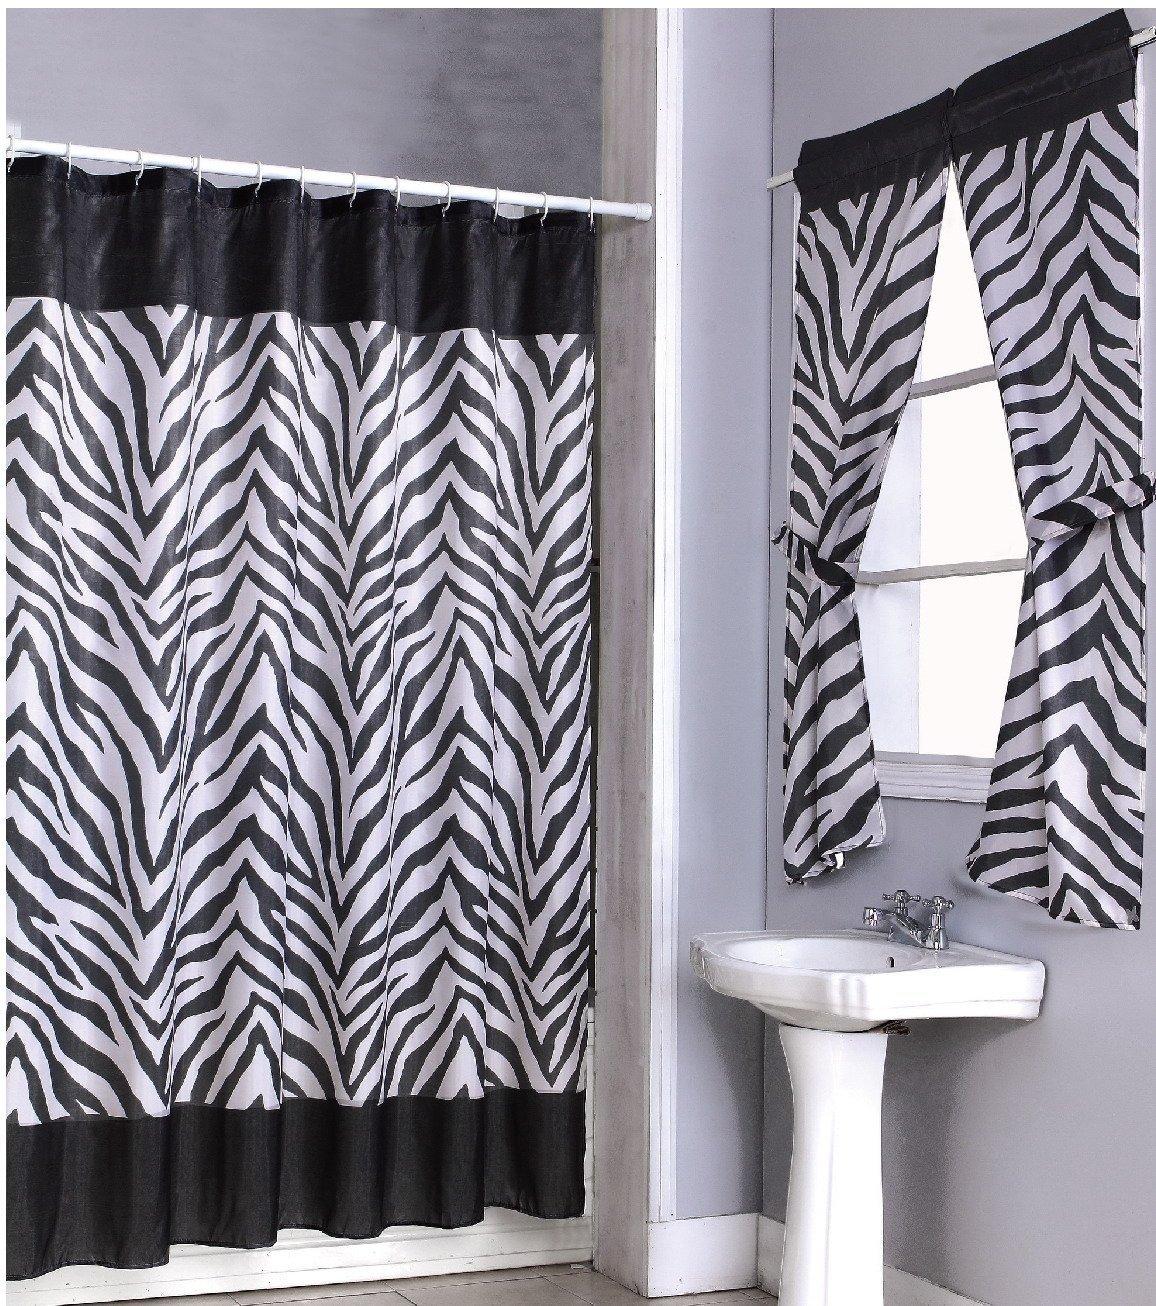 Small Bathroom Window Curtain Ideas